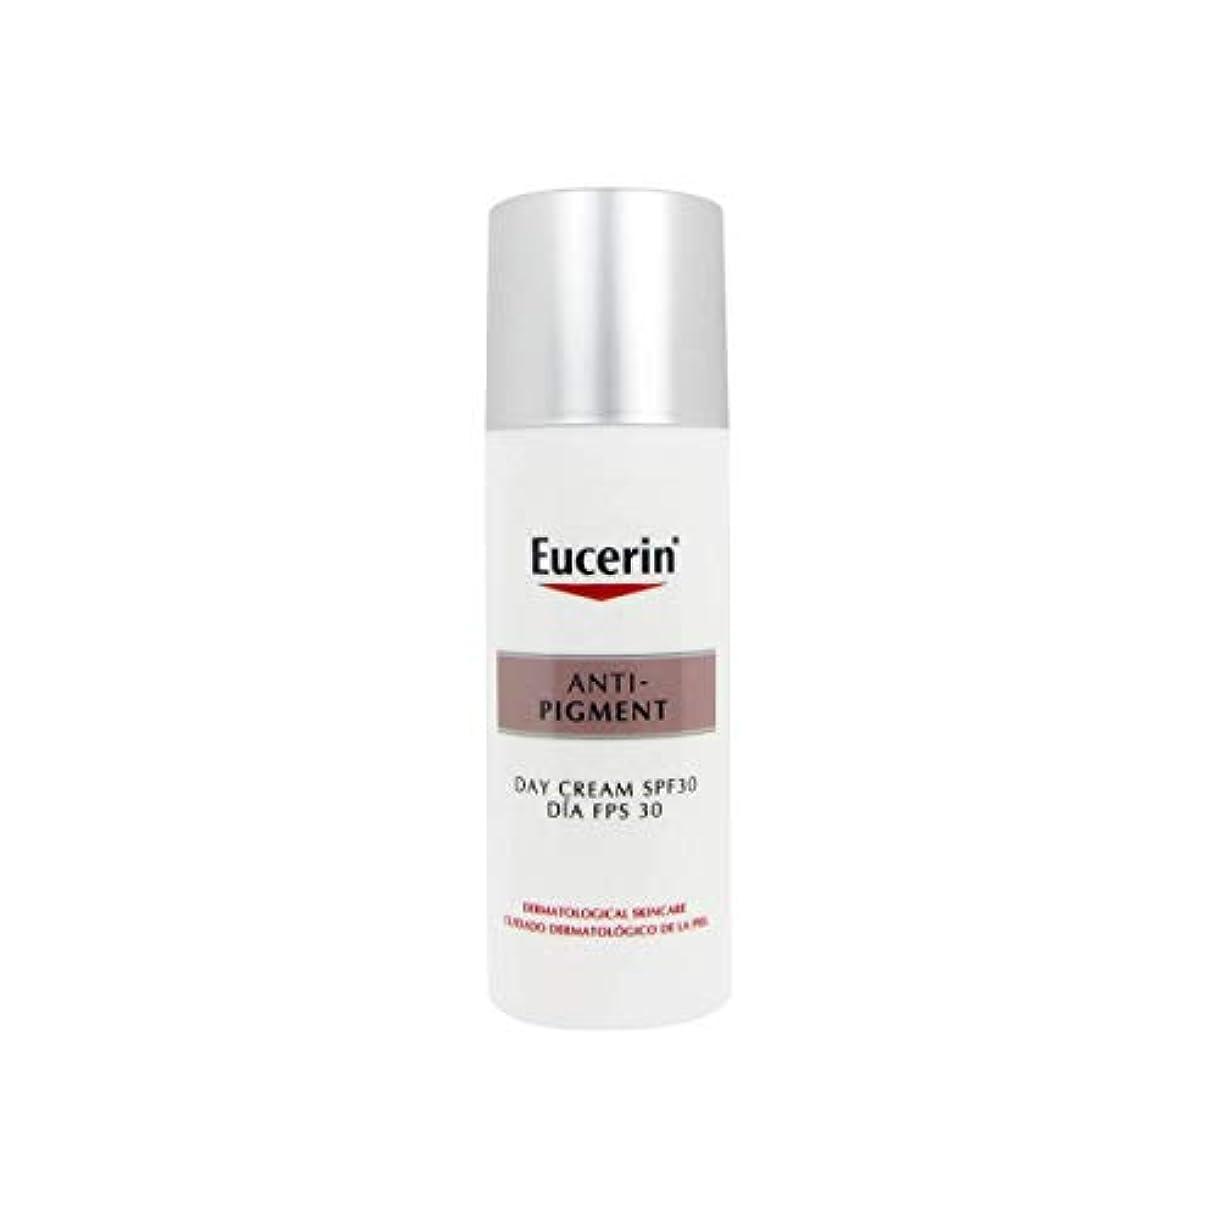 試験洗剤ポークユーセリンアンチピグメントデイクリームSPF30 50ml